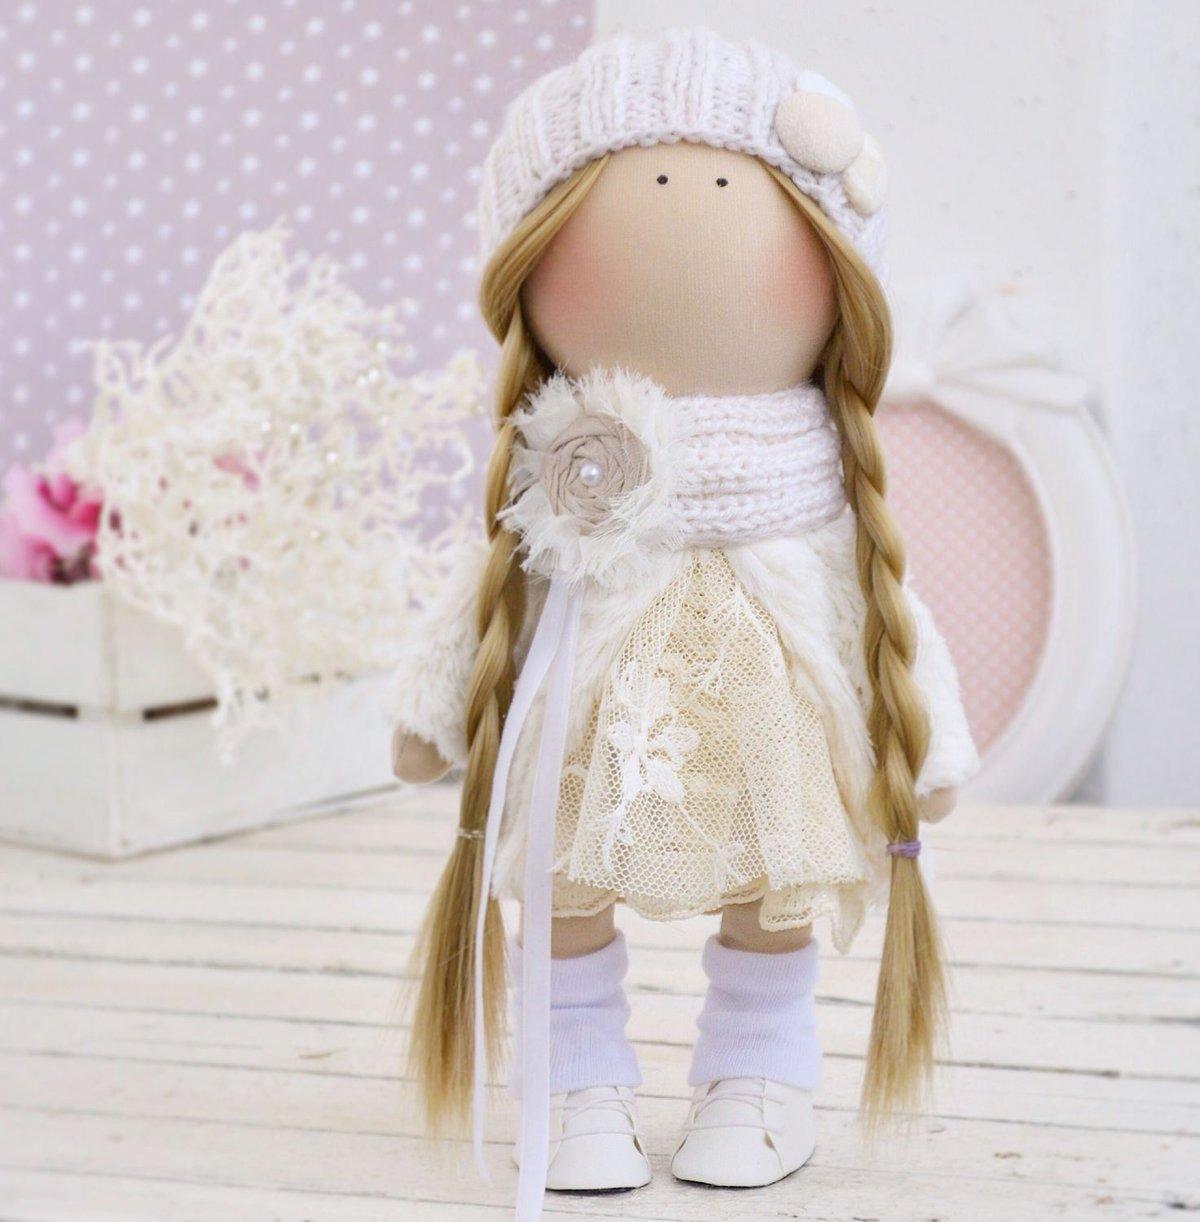 Интерьерная кукла: почему так популярна и как сделать своими руками - клуб рукоделия три иголки